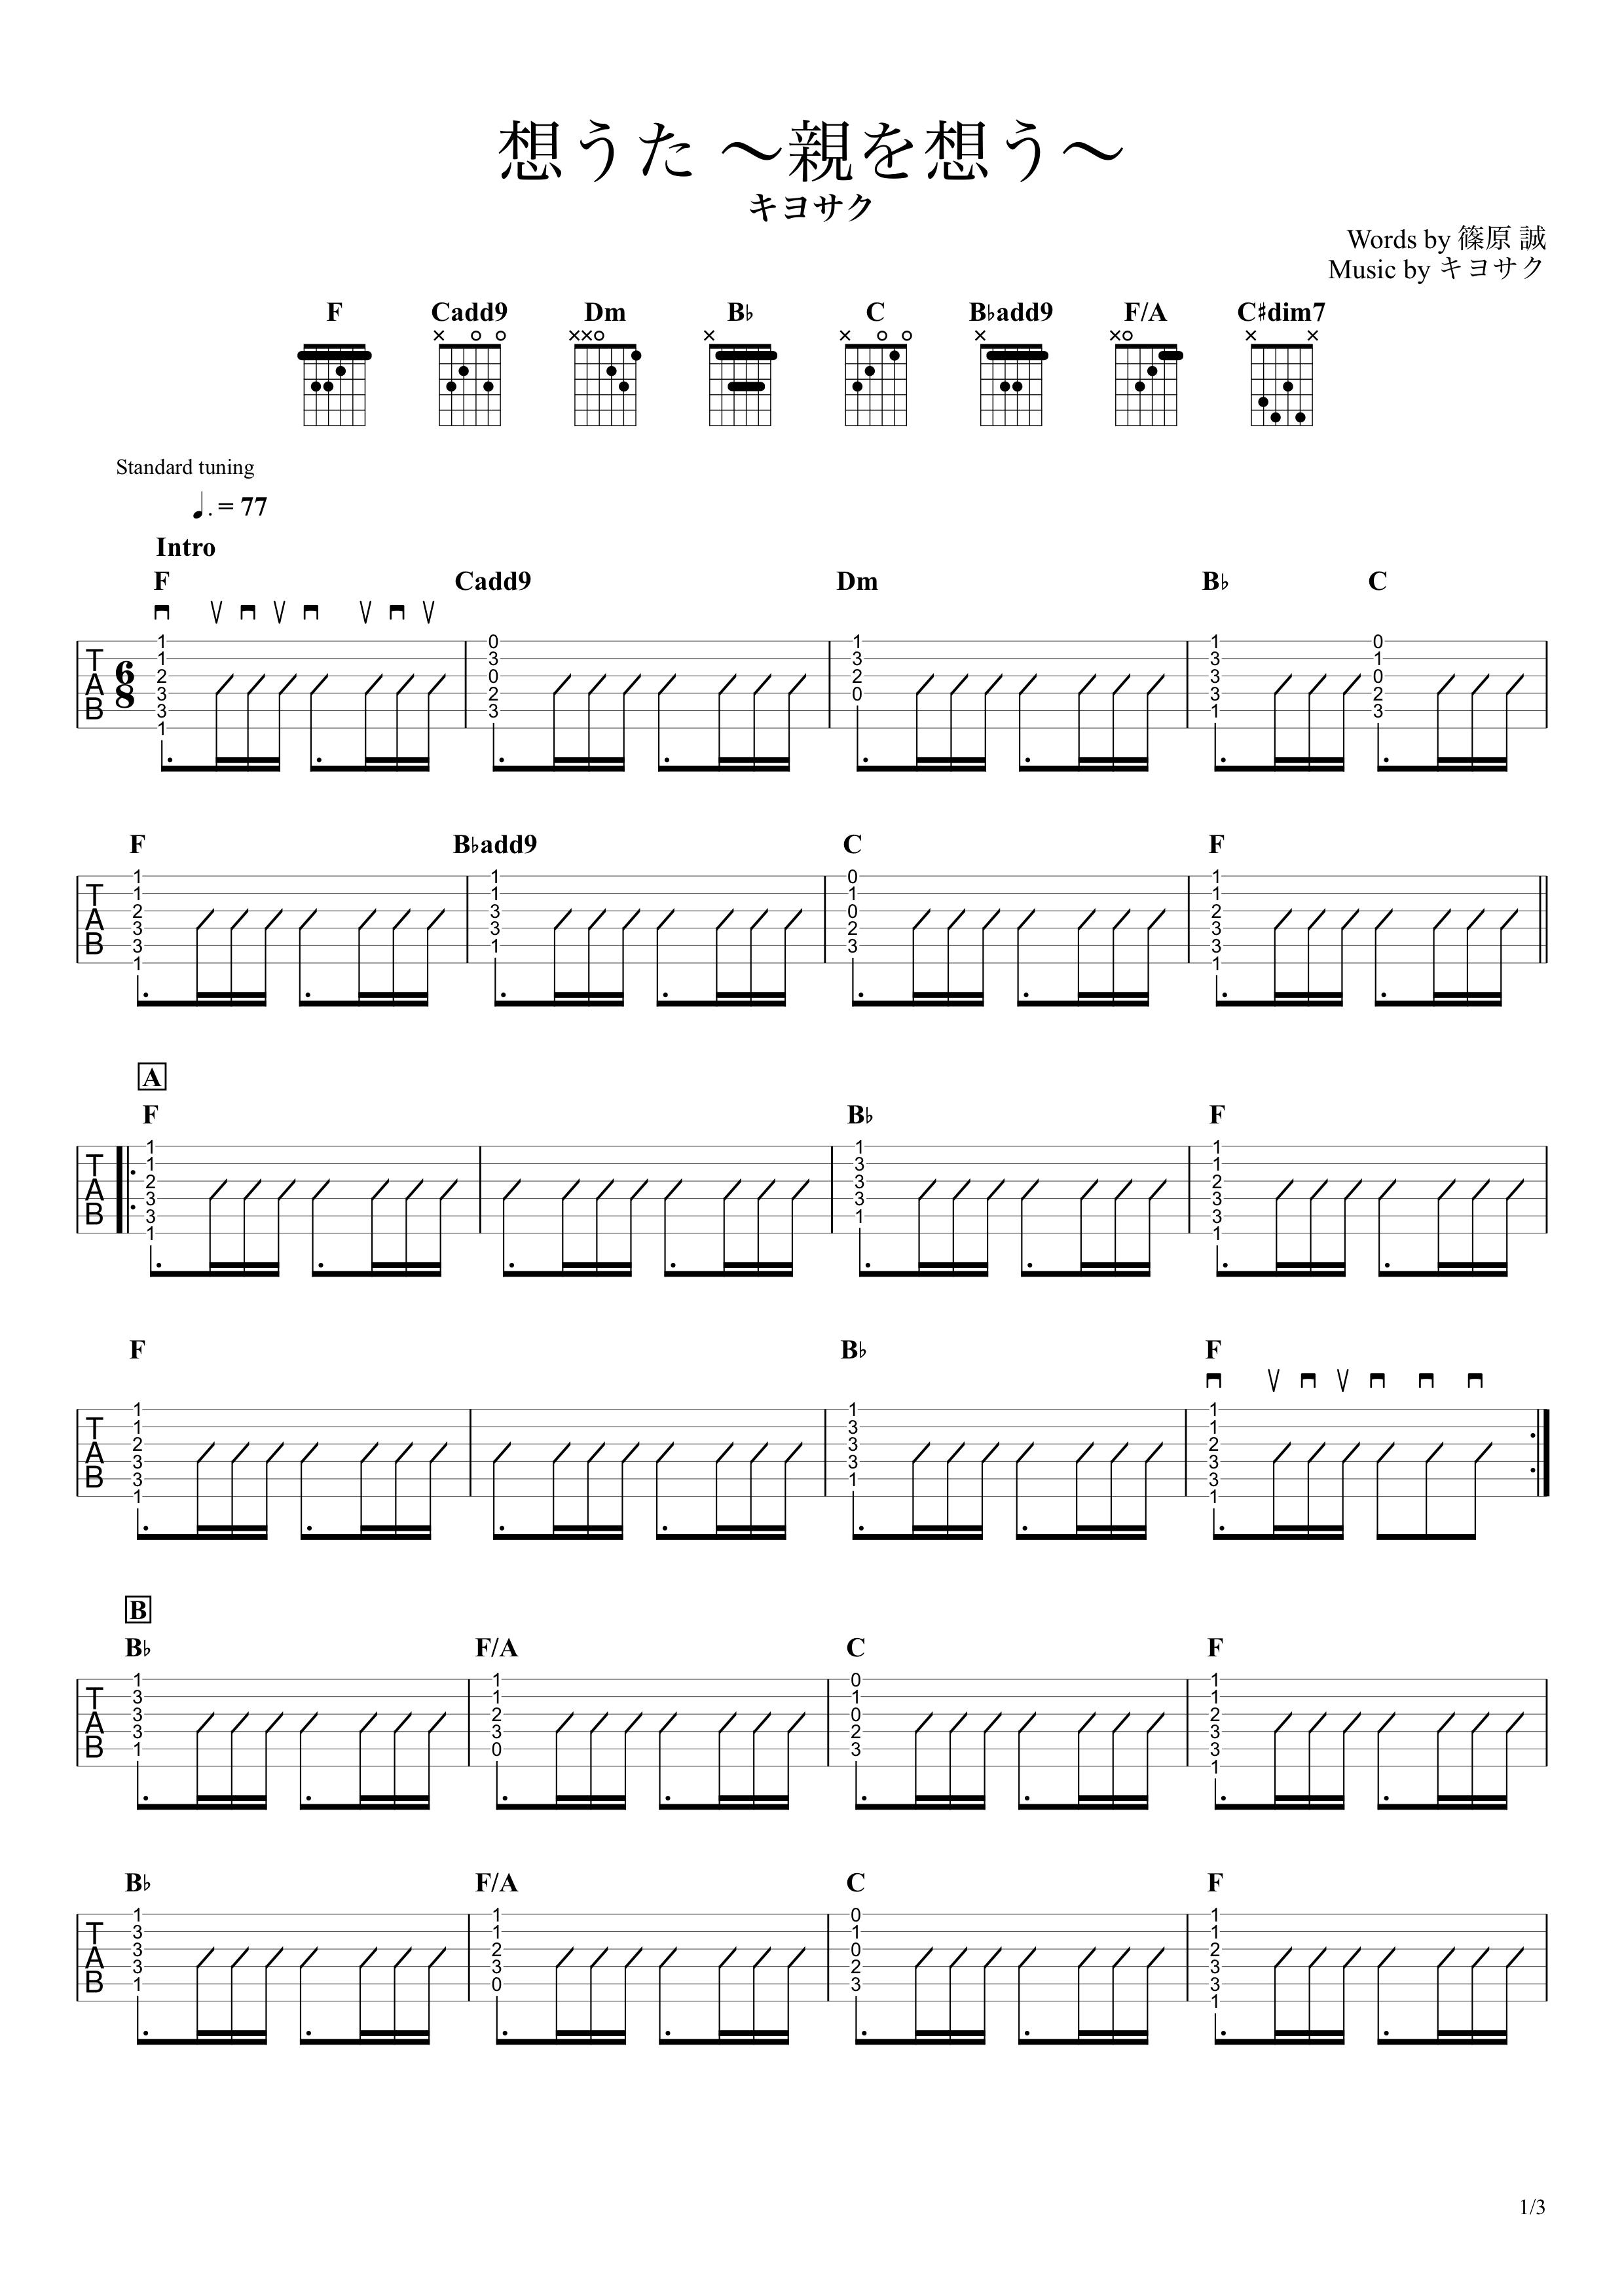 想うた 〜親を想う〜/キヨサク ギタータブ譜 コードストロークで弾くVer.01